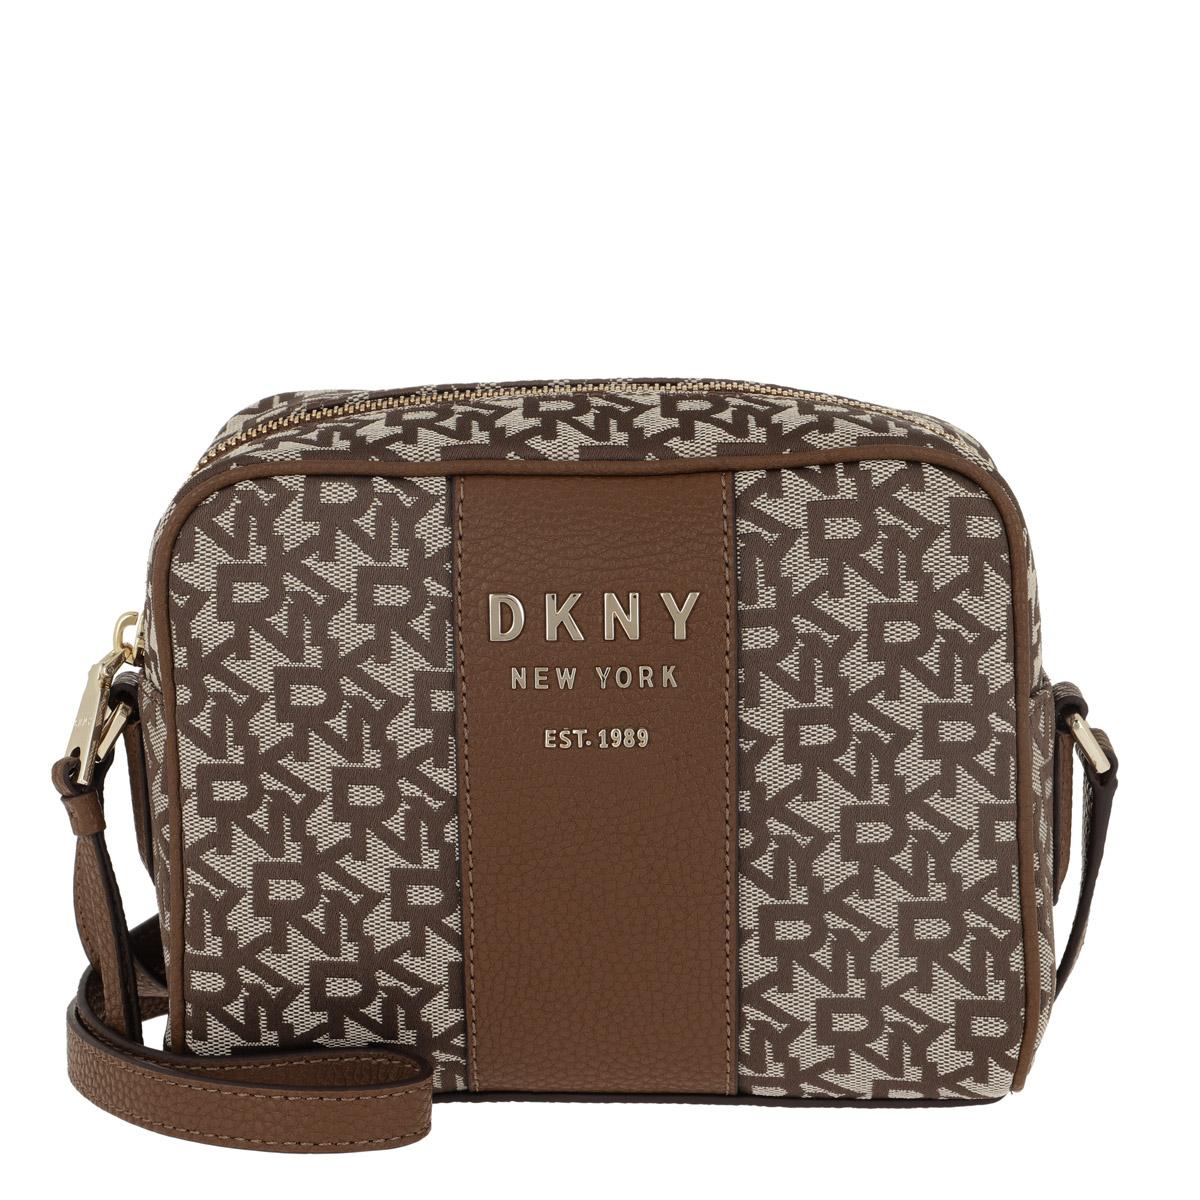 DKNY Umhängetasche - Noho Camera Bag T&C Chino Logo Vicuna - in braun - für Damen